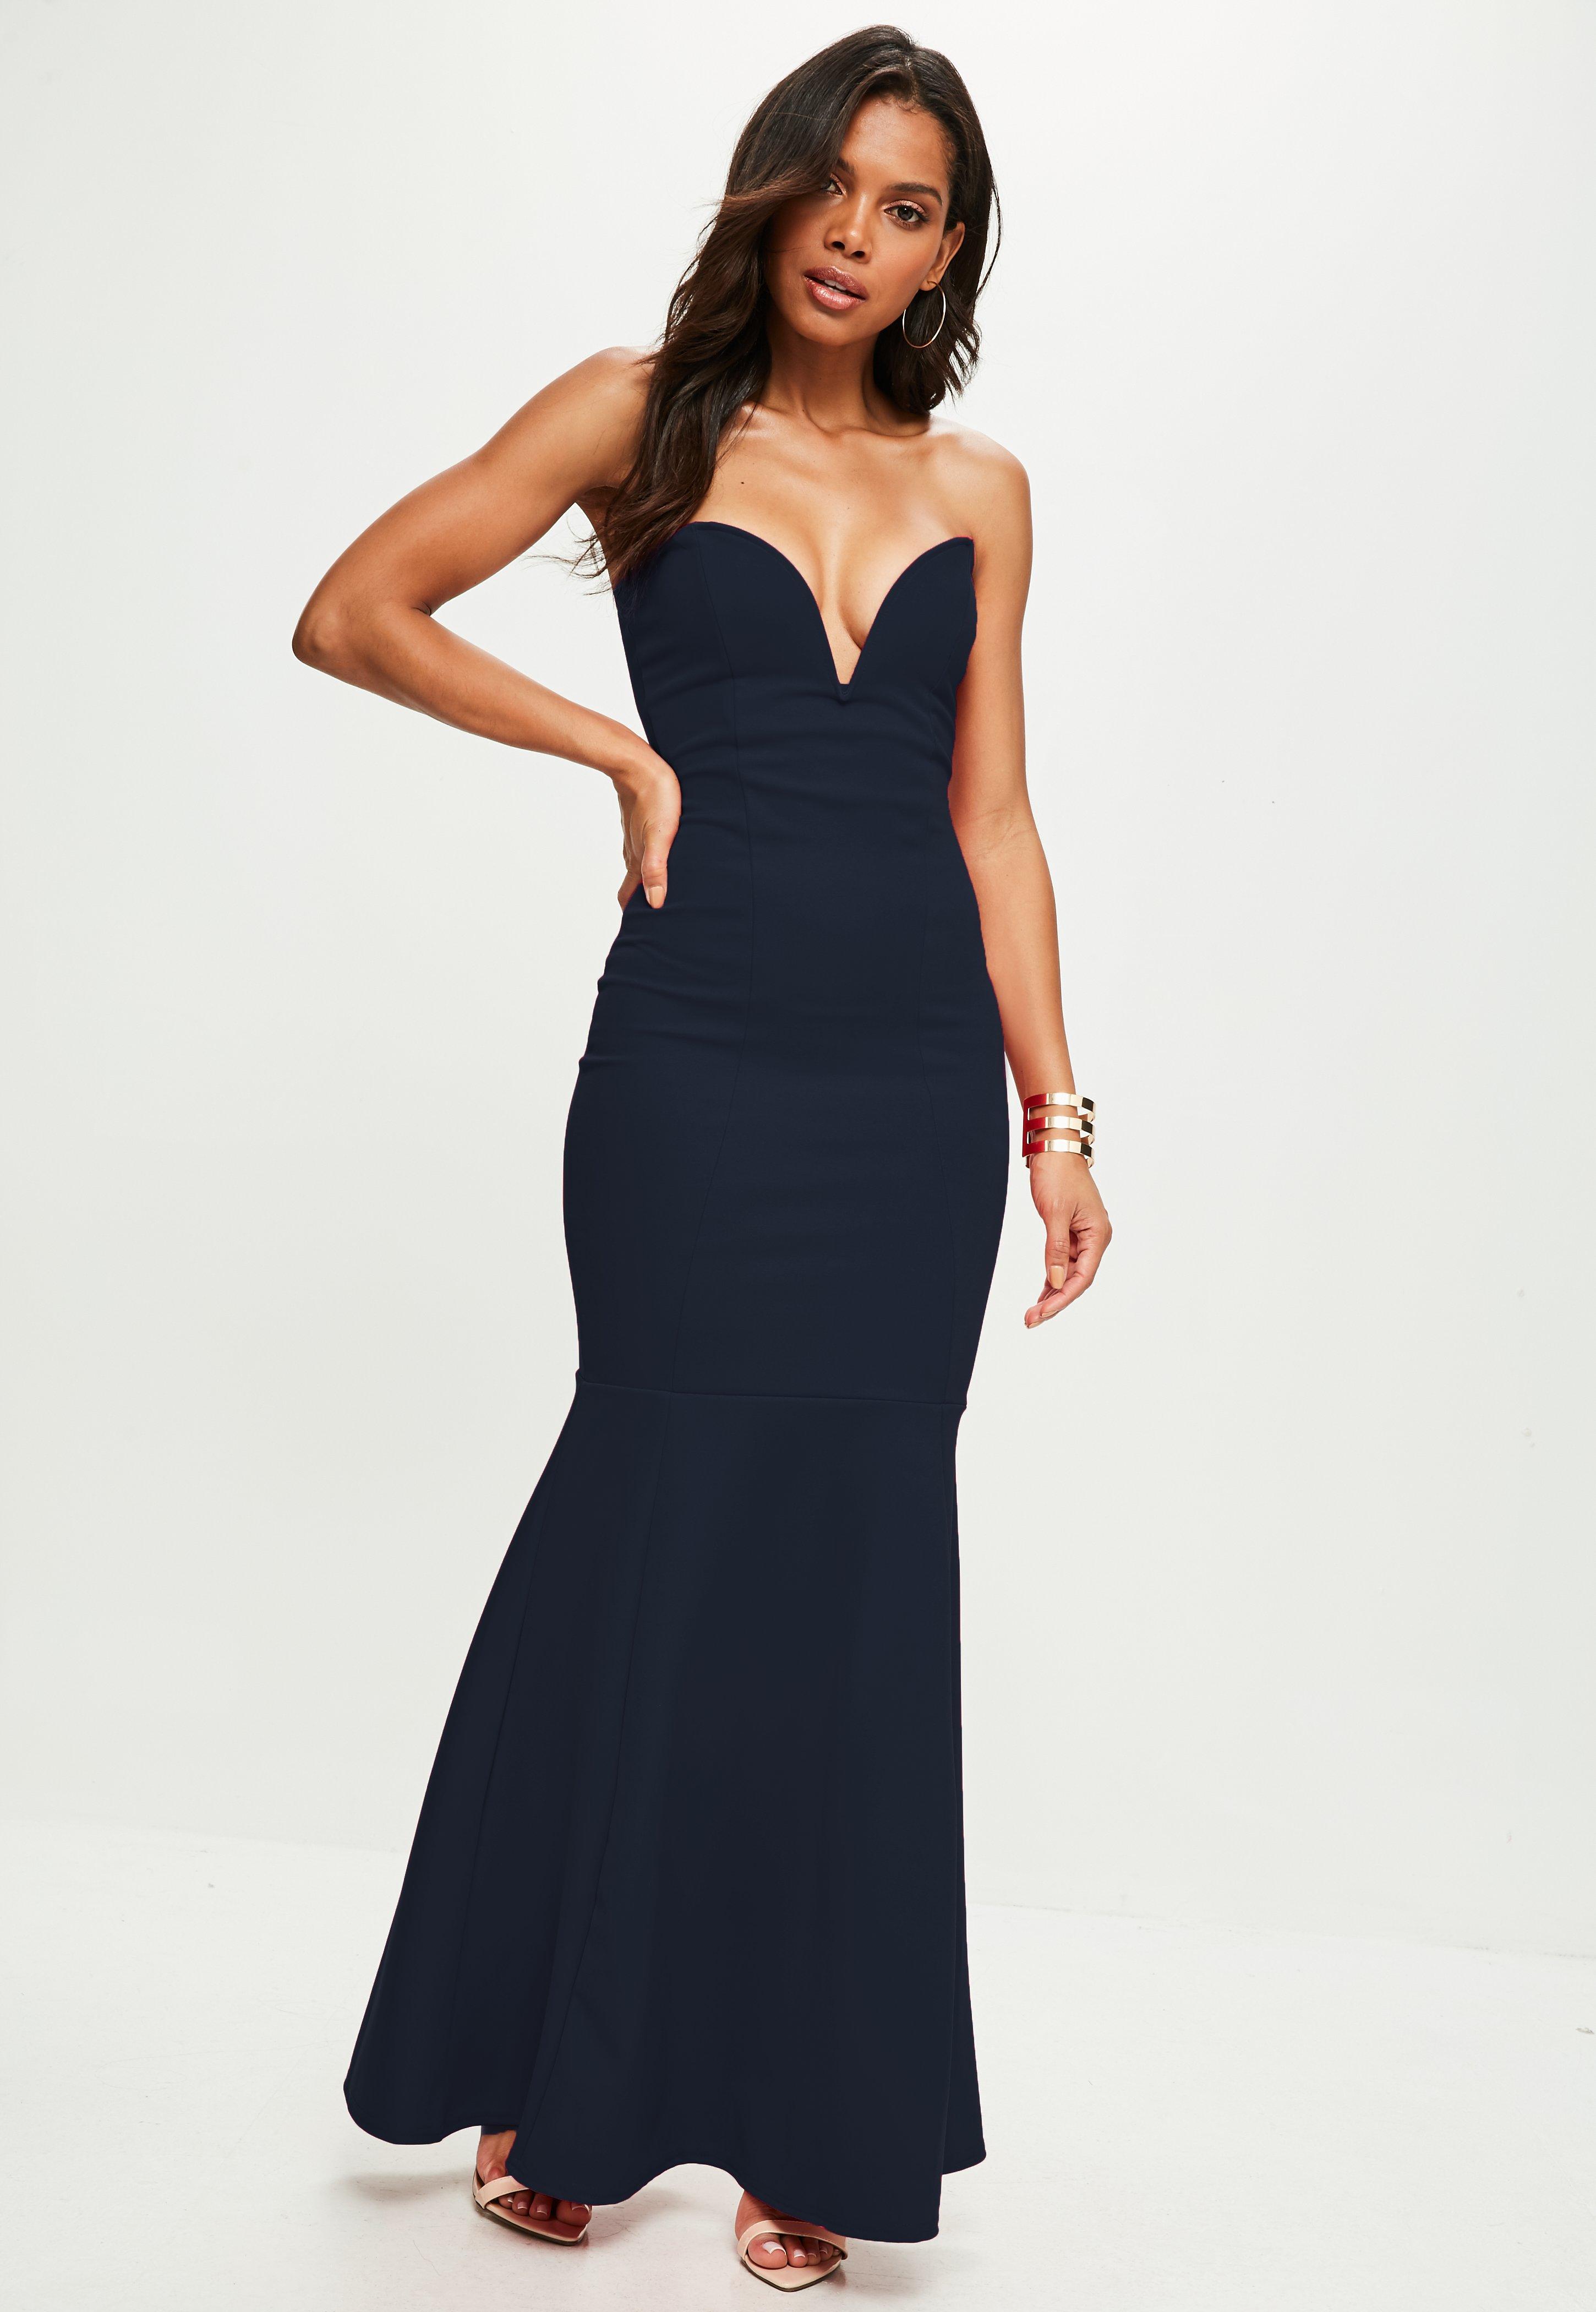 Exceptionnel Robe longue | Robe longue été femme - Missguided LP35